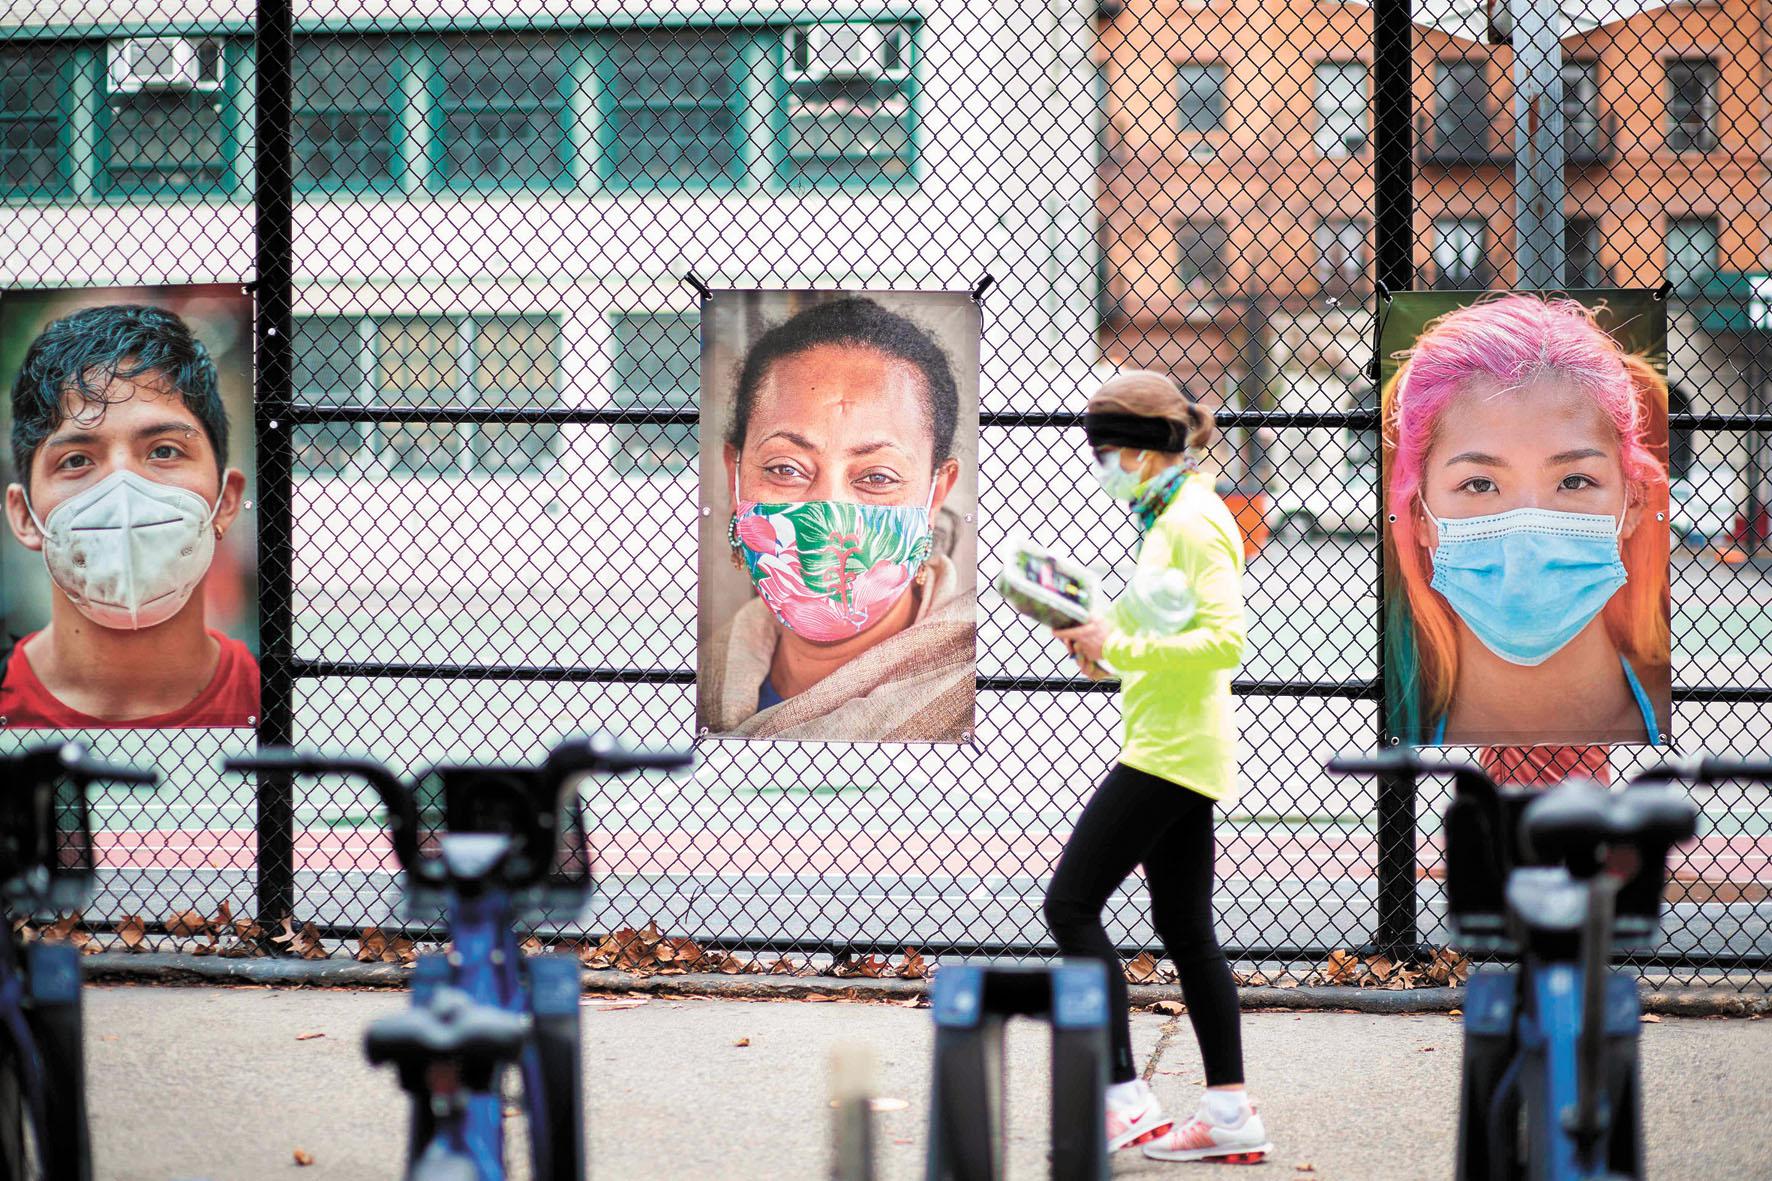 美國疫情日益嚴峻,戴口罩的民眾增多。圖為民眾路過「蒙面紐約」 攝影作品展覽。法新社